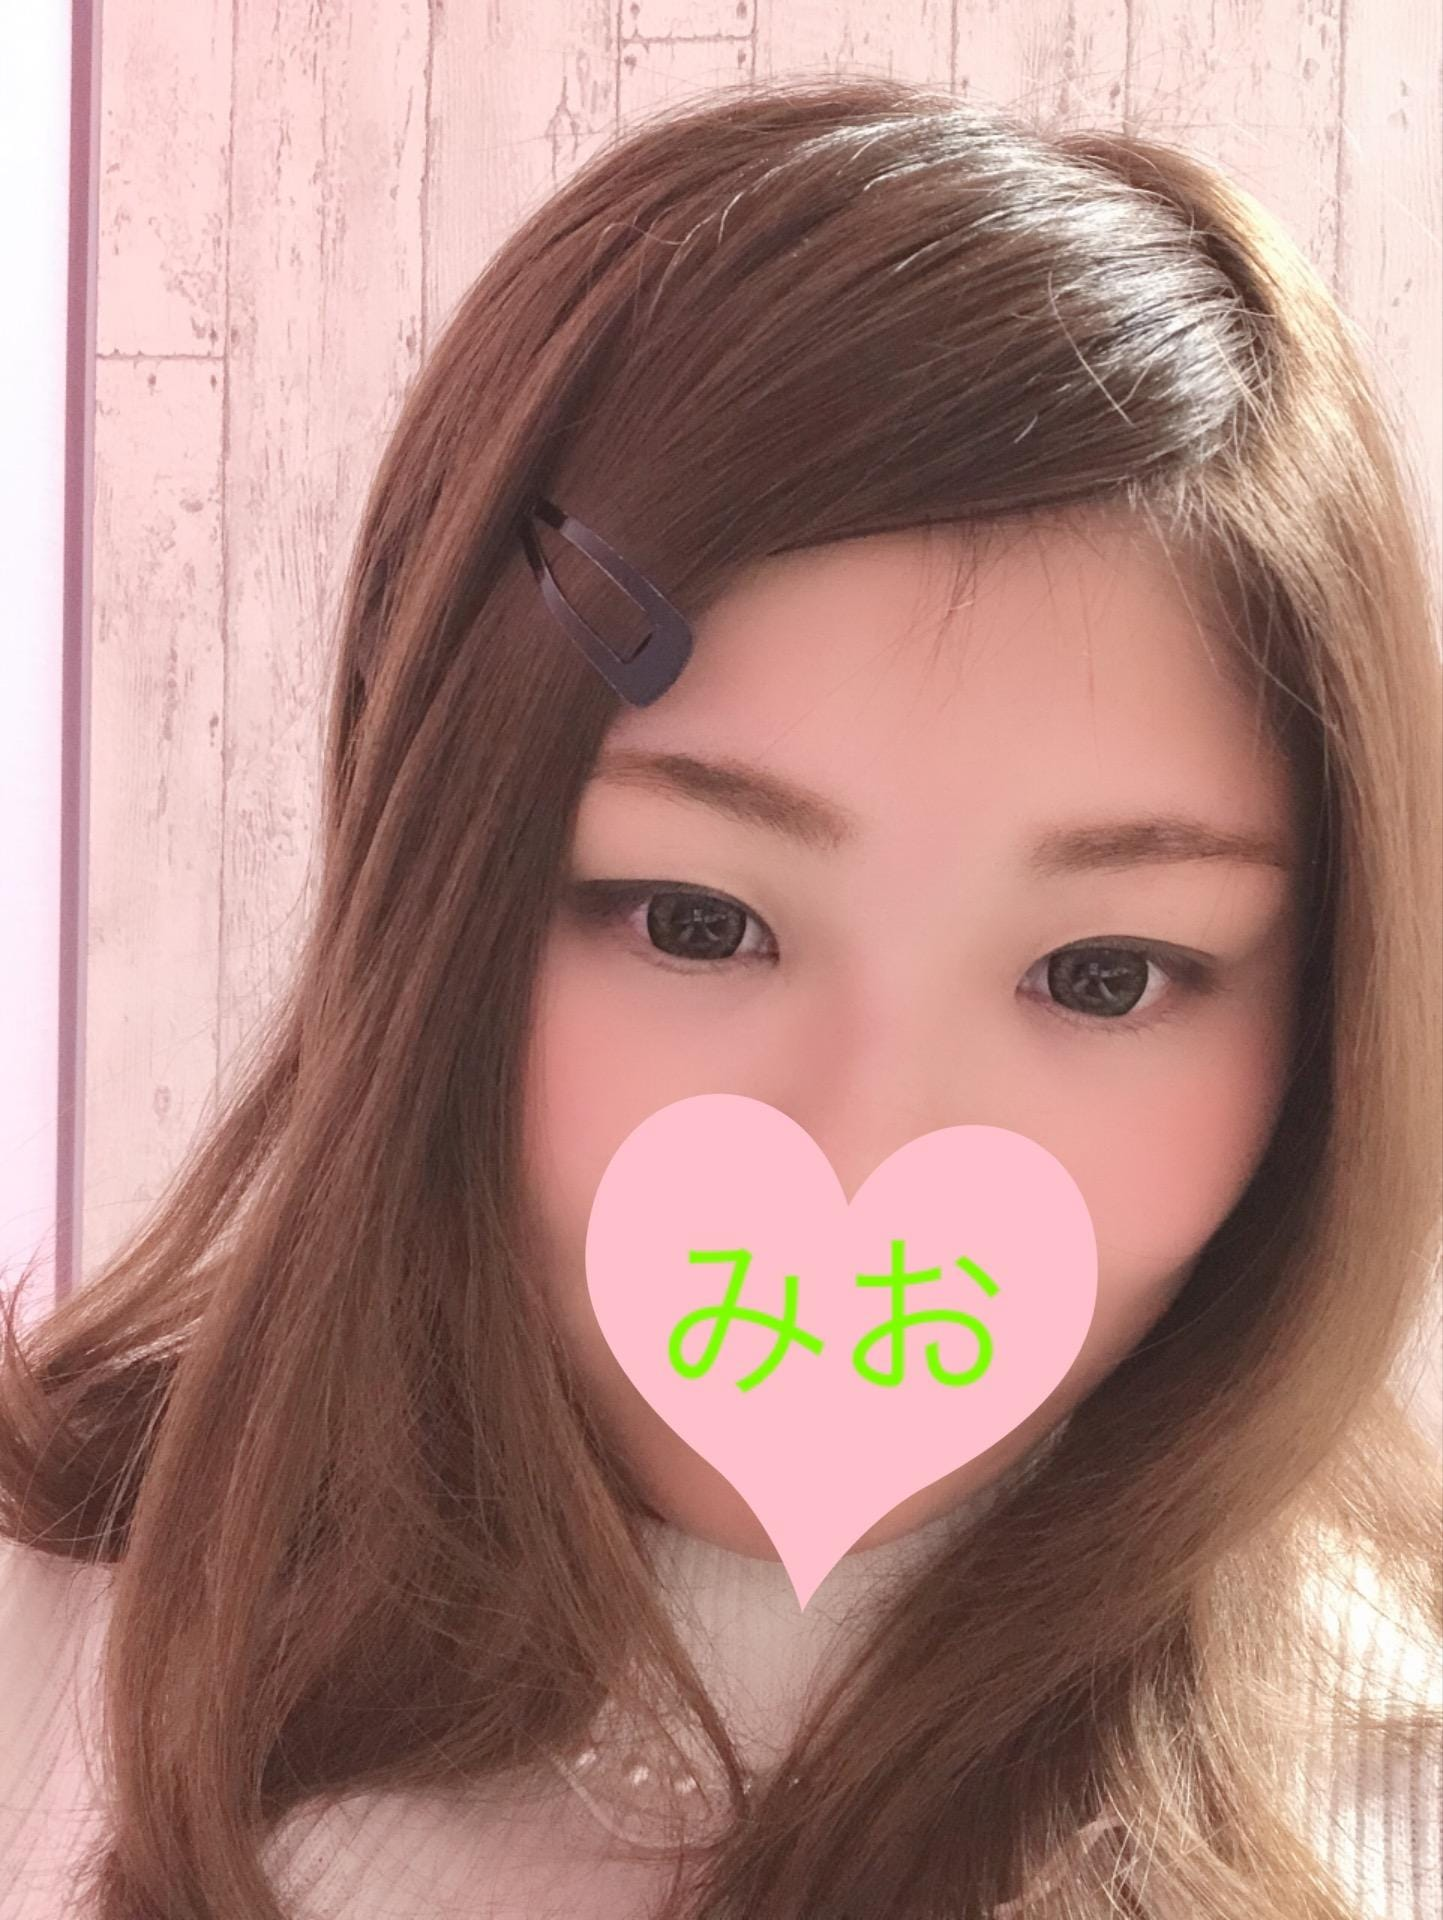 「お待ちしてます♪」12/03(月) 19:51 | みおの写メ・風俗動画